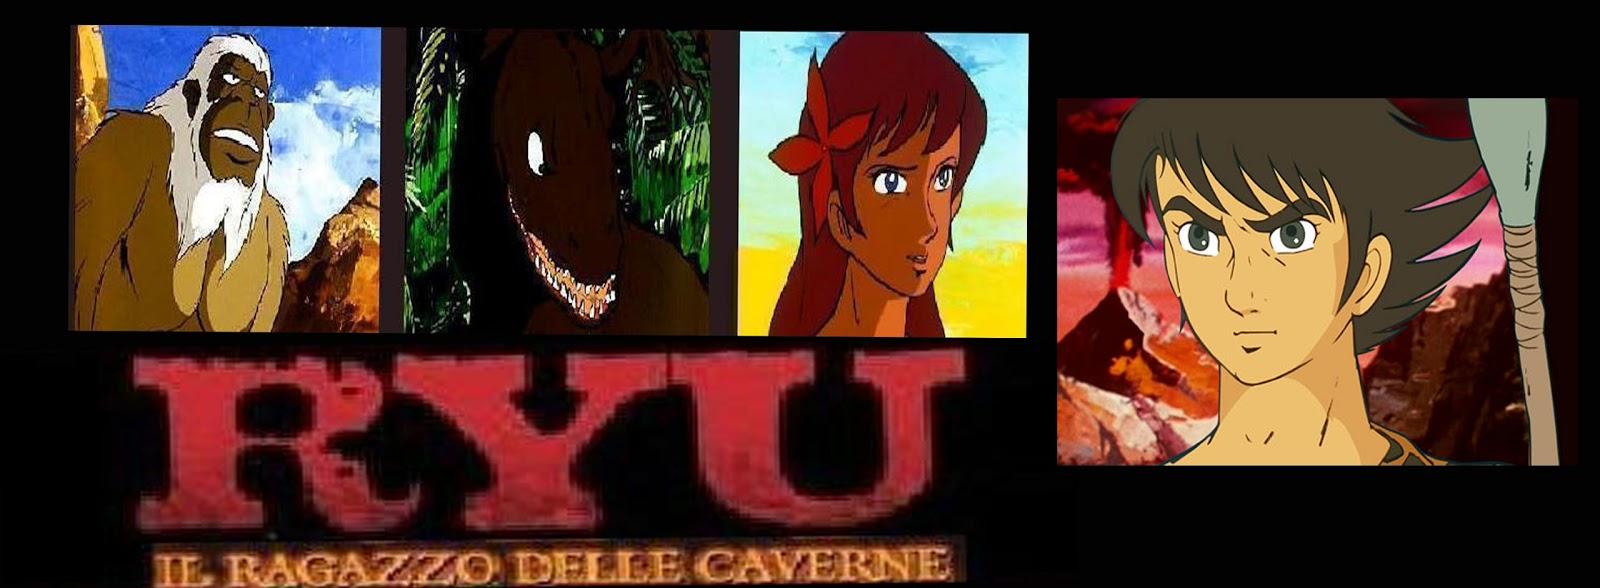 Dragoverde ryu il ragazzo delle caverne lotta contro il mostro